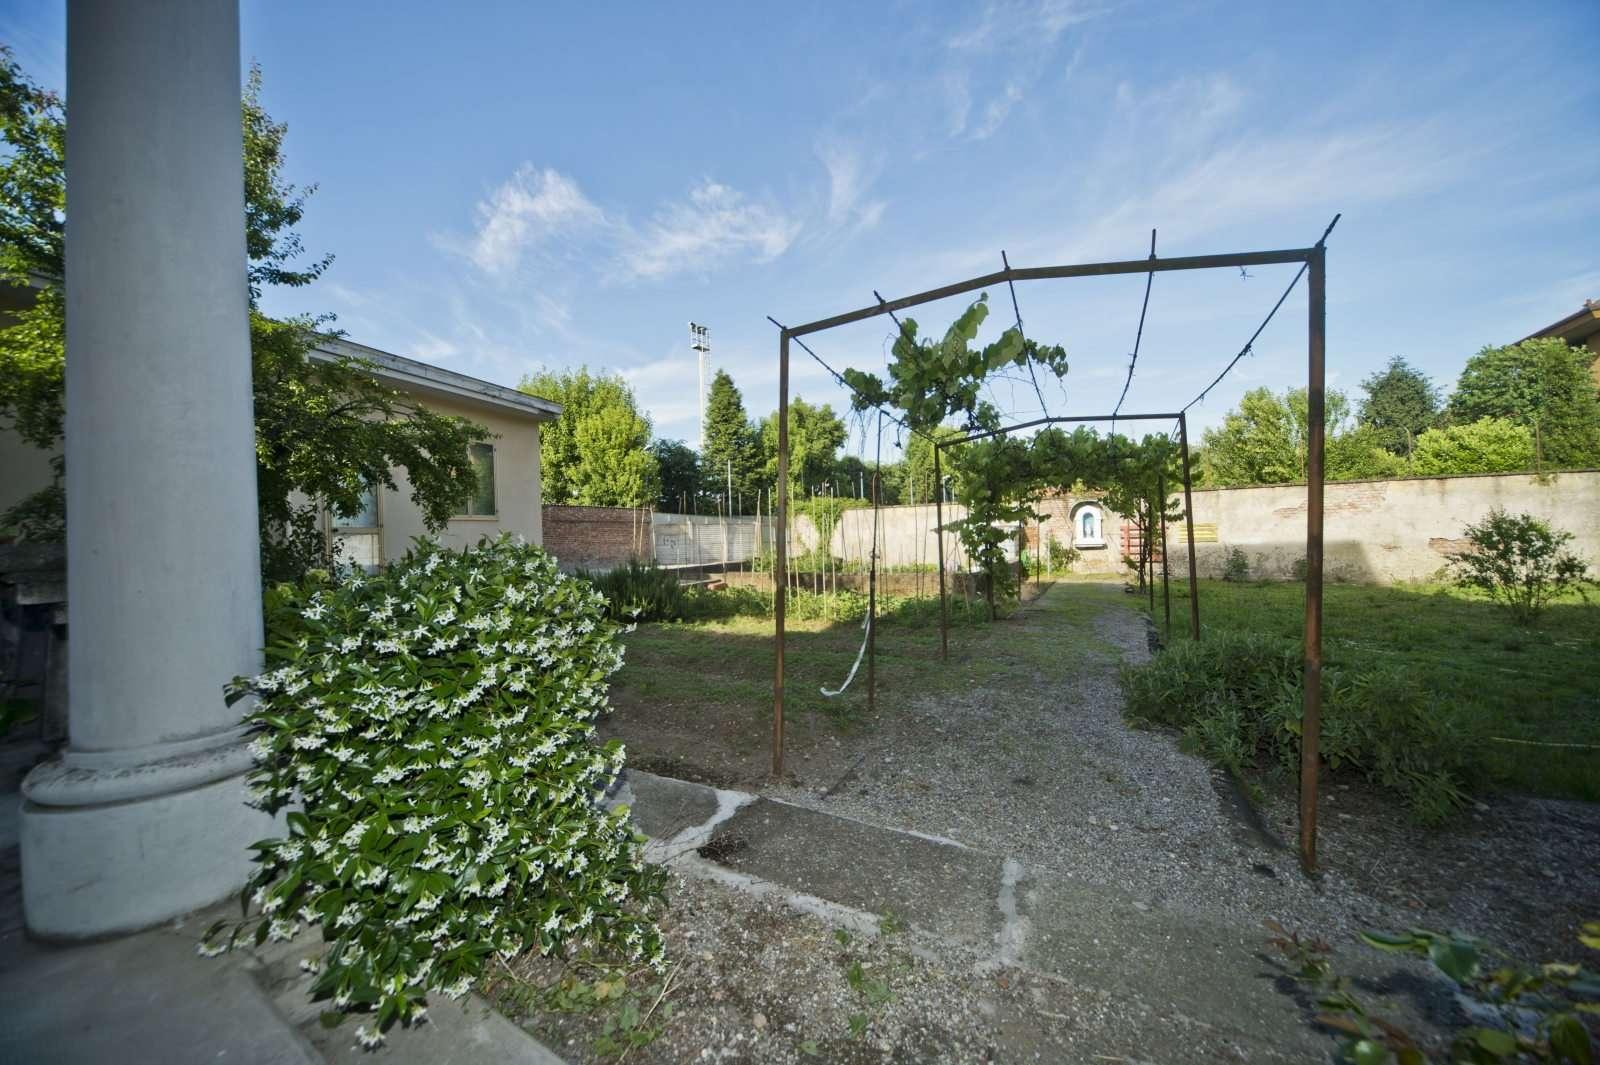 047 D4C 5591 Ridotte - Scuola Materna Peschiera Borromeo